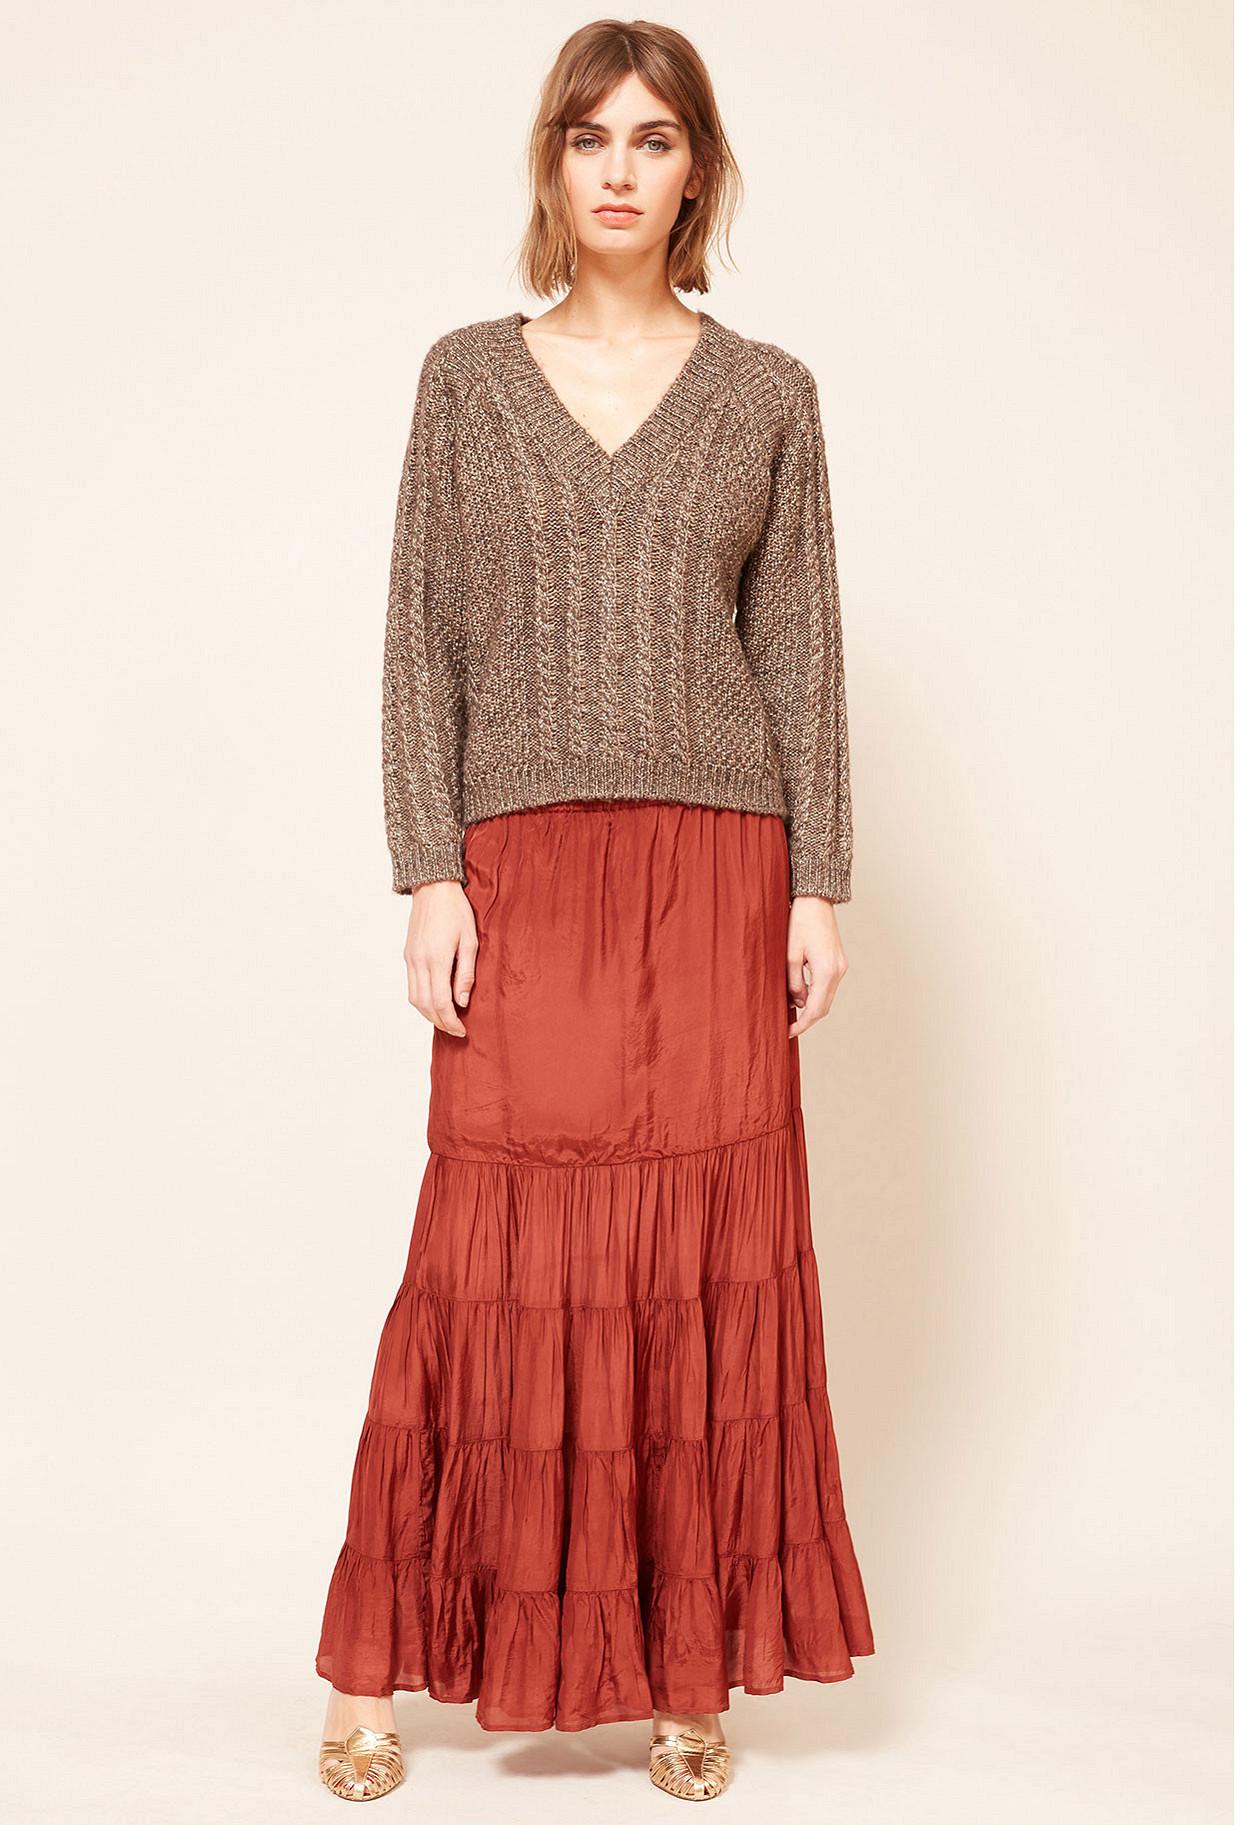 Paris clothes store Sweater  Callister french designer fashion Paris